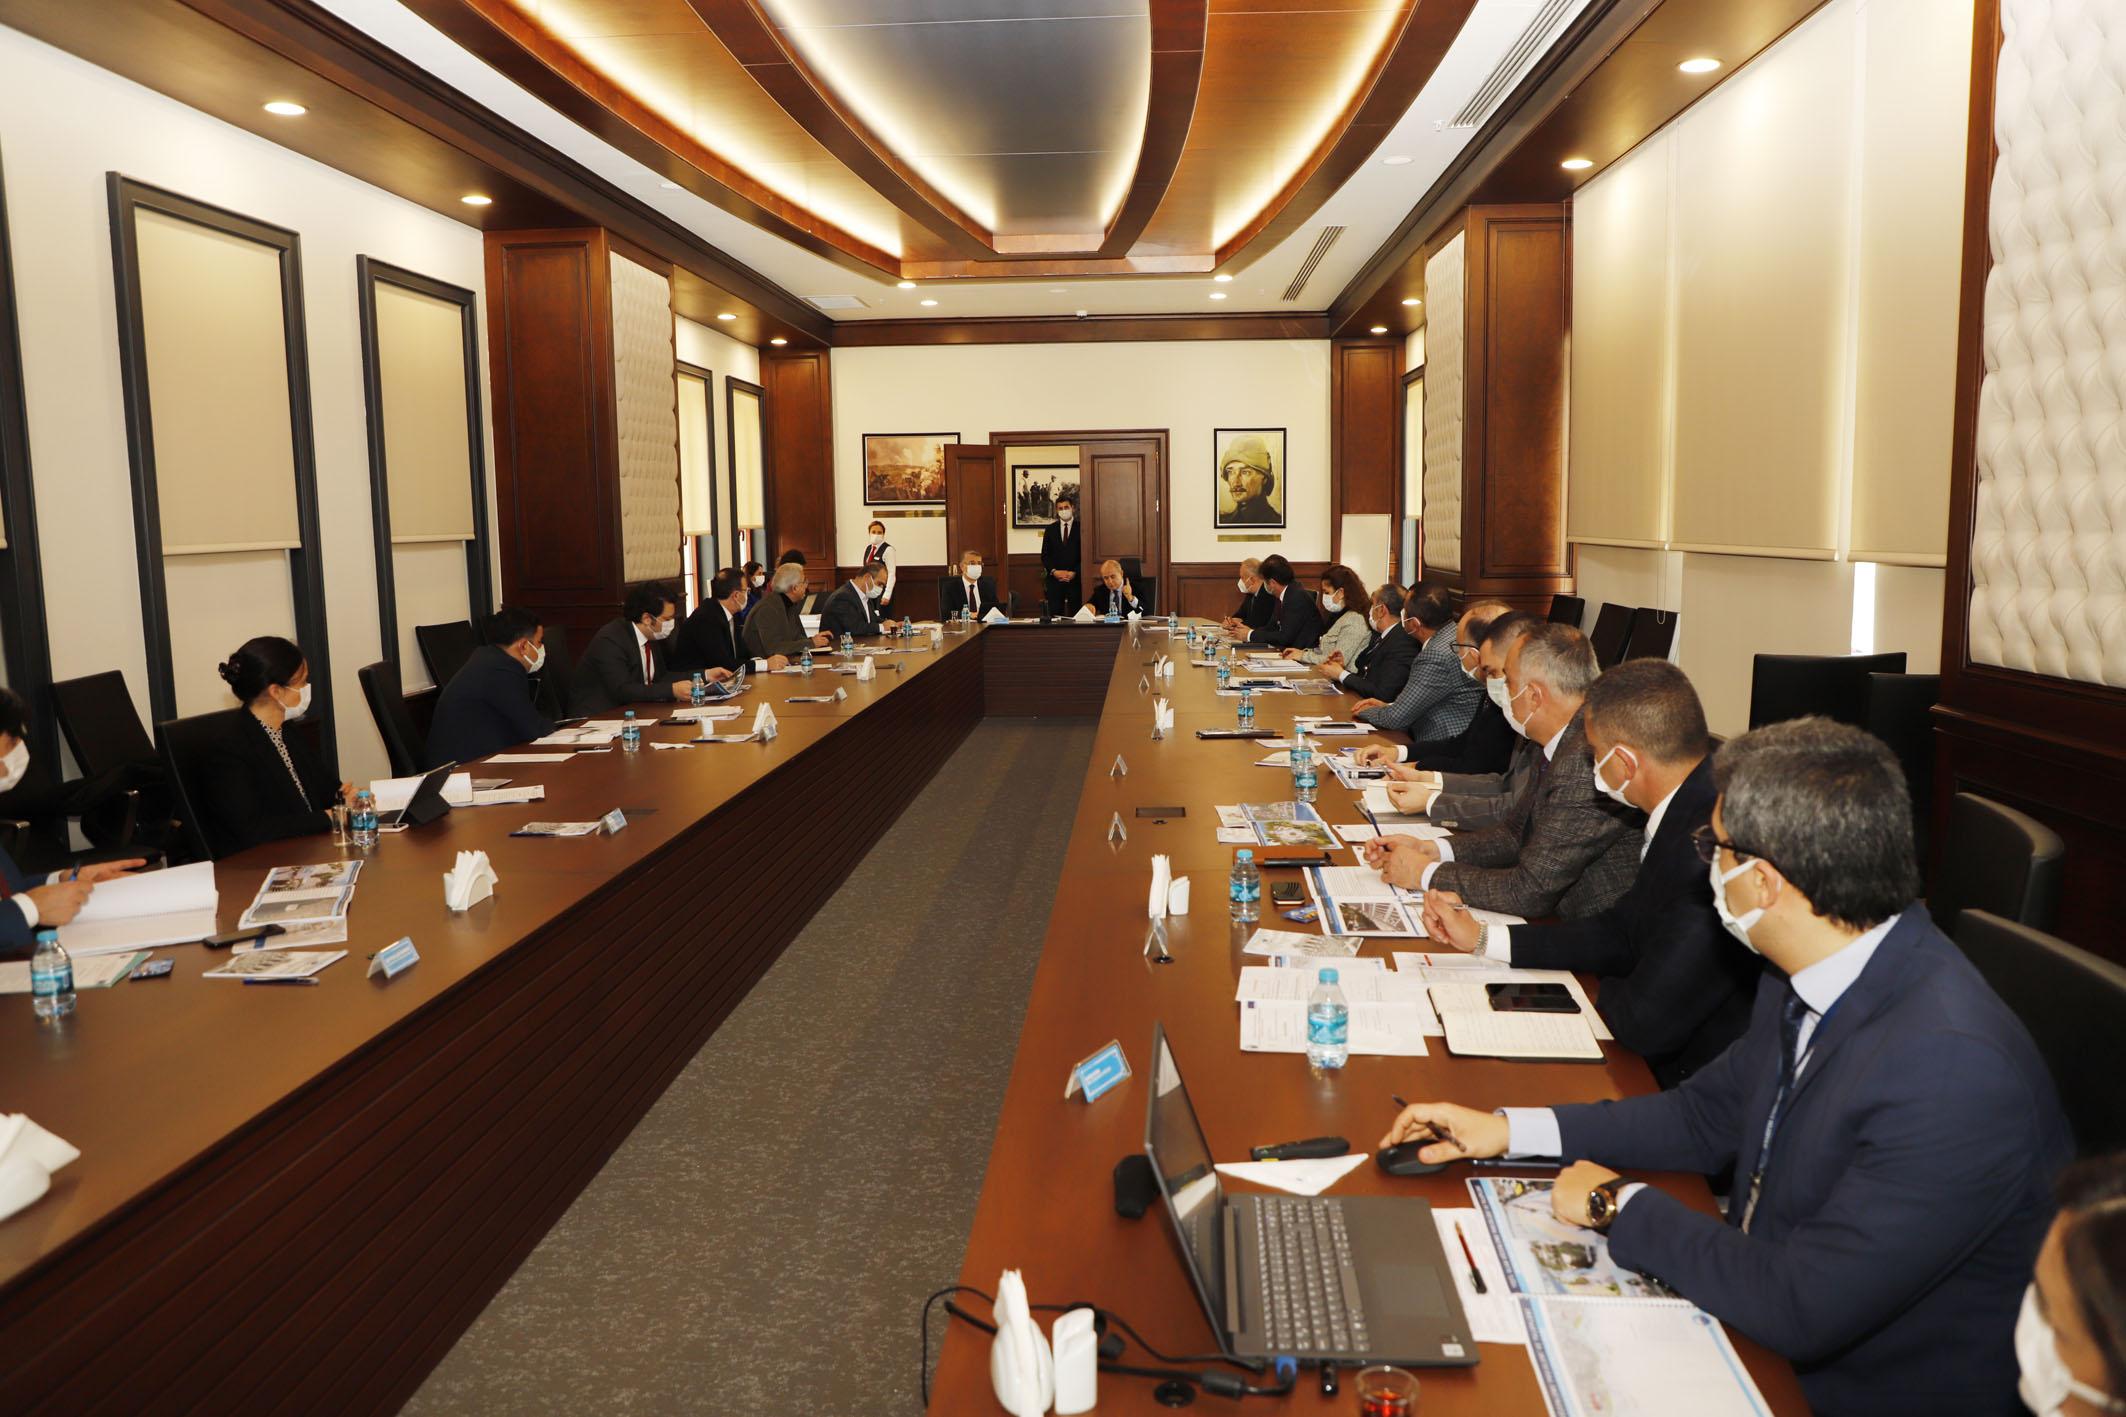 Büyükşehir Belediyesi ve Büyükçekmece Belediyesi Koordinasyon Toplantısı Gerçekleştirdi